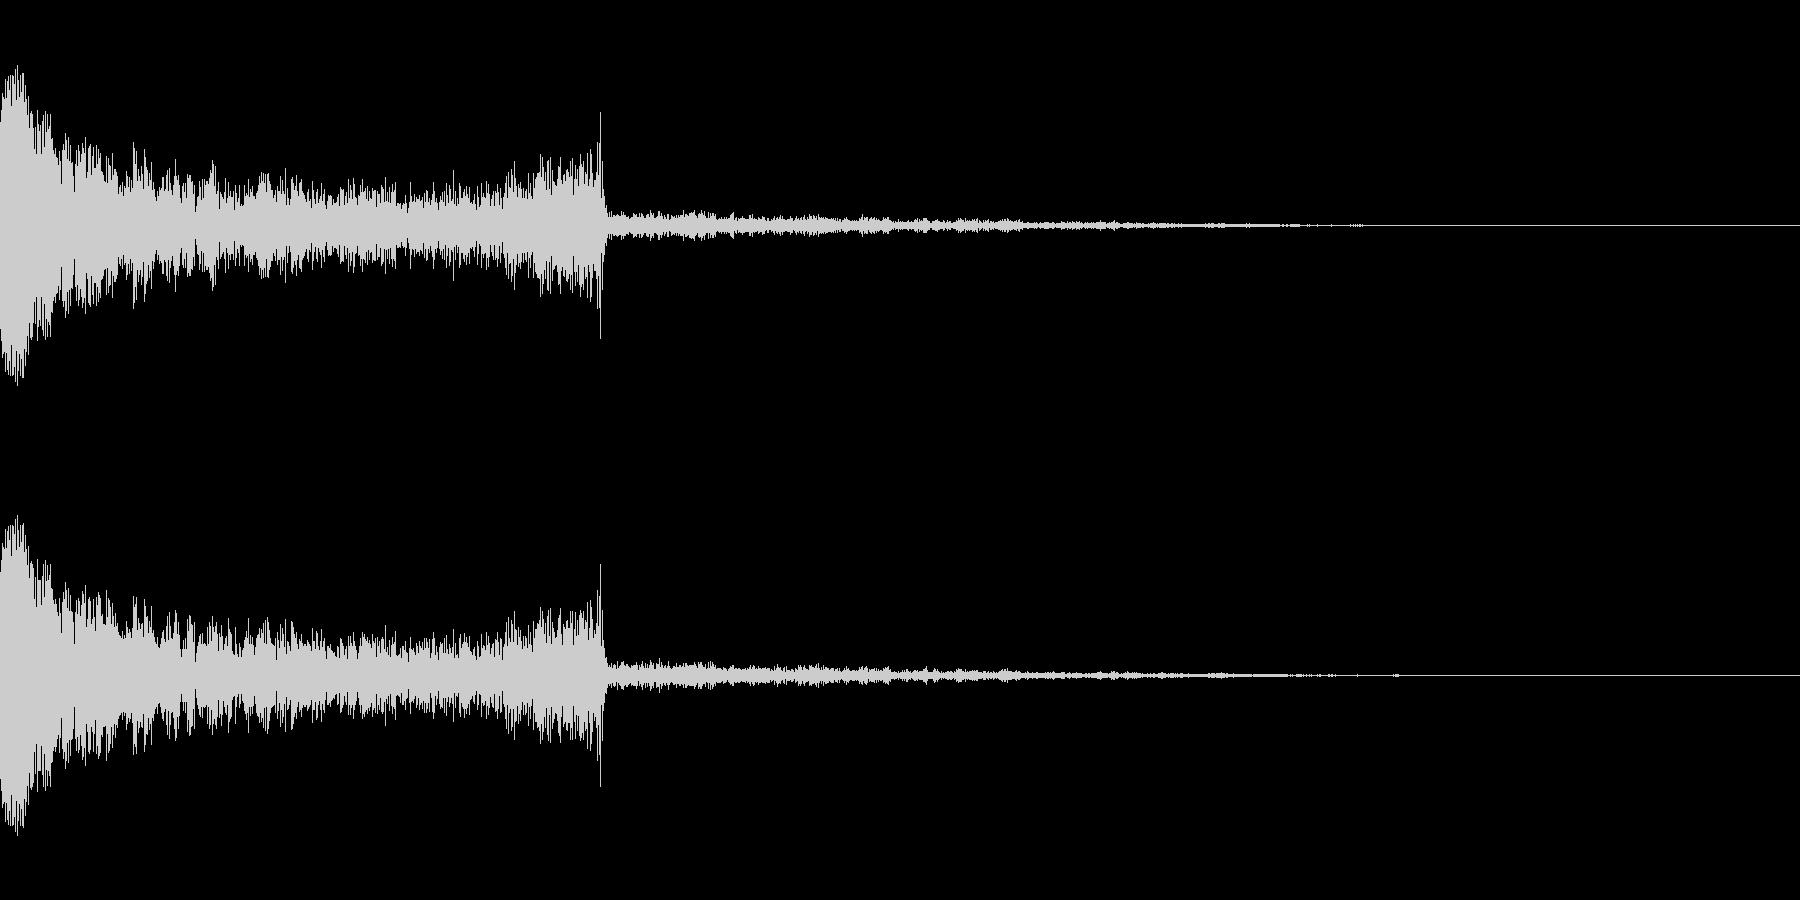 場面切り替えをイメージした衝撃音の未再生の波形